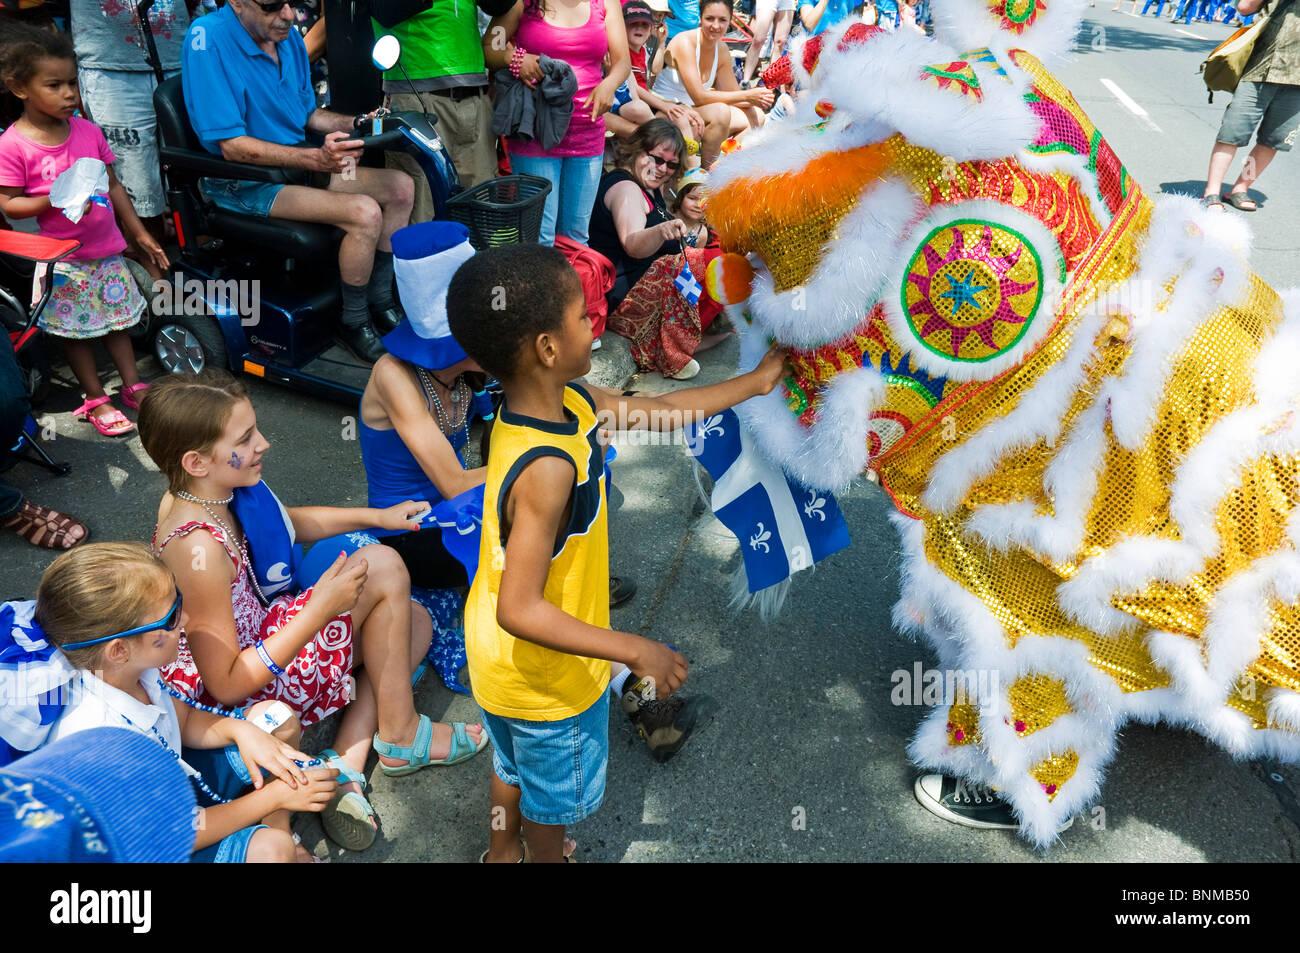 La communauté chinoise de célébrer la Saint-Jean-Baptiste, dans la ville animée de ville multiculturelle Photo Stock